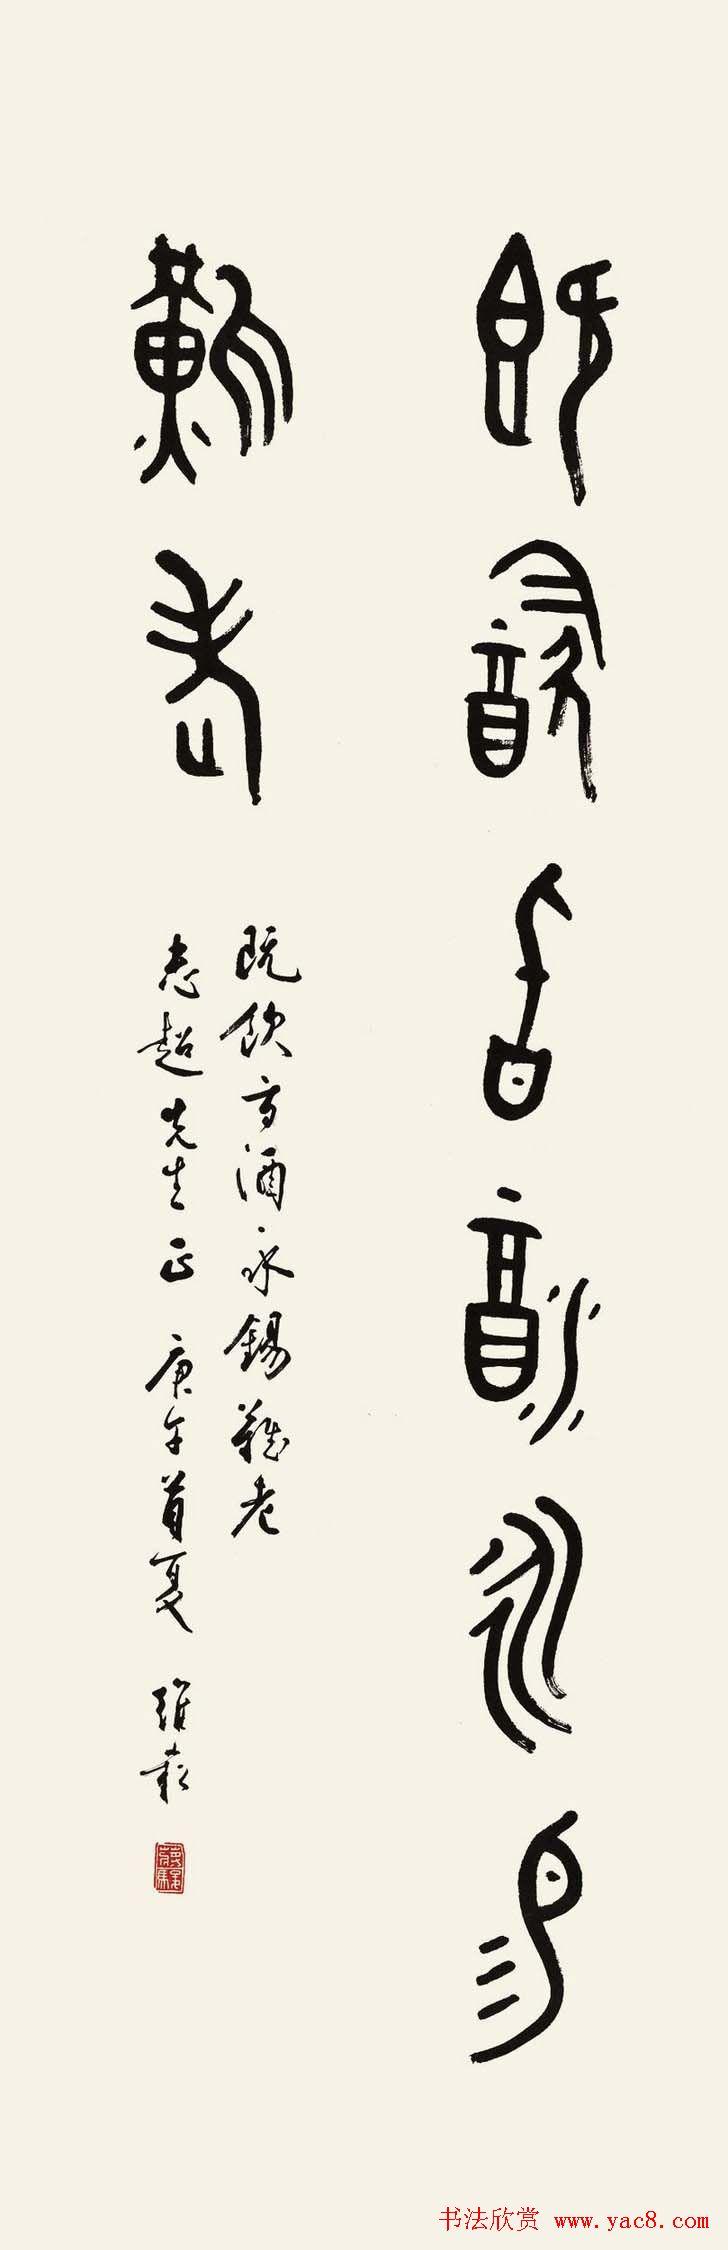 蒋维崧篆书书法作品欣赏 第18页 毛笔书法 书法欣赏